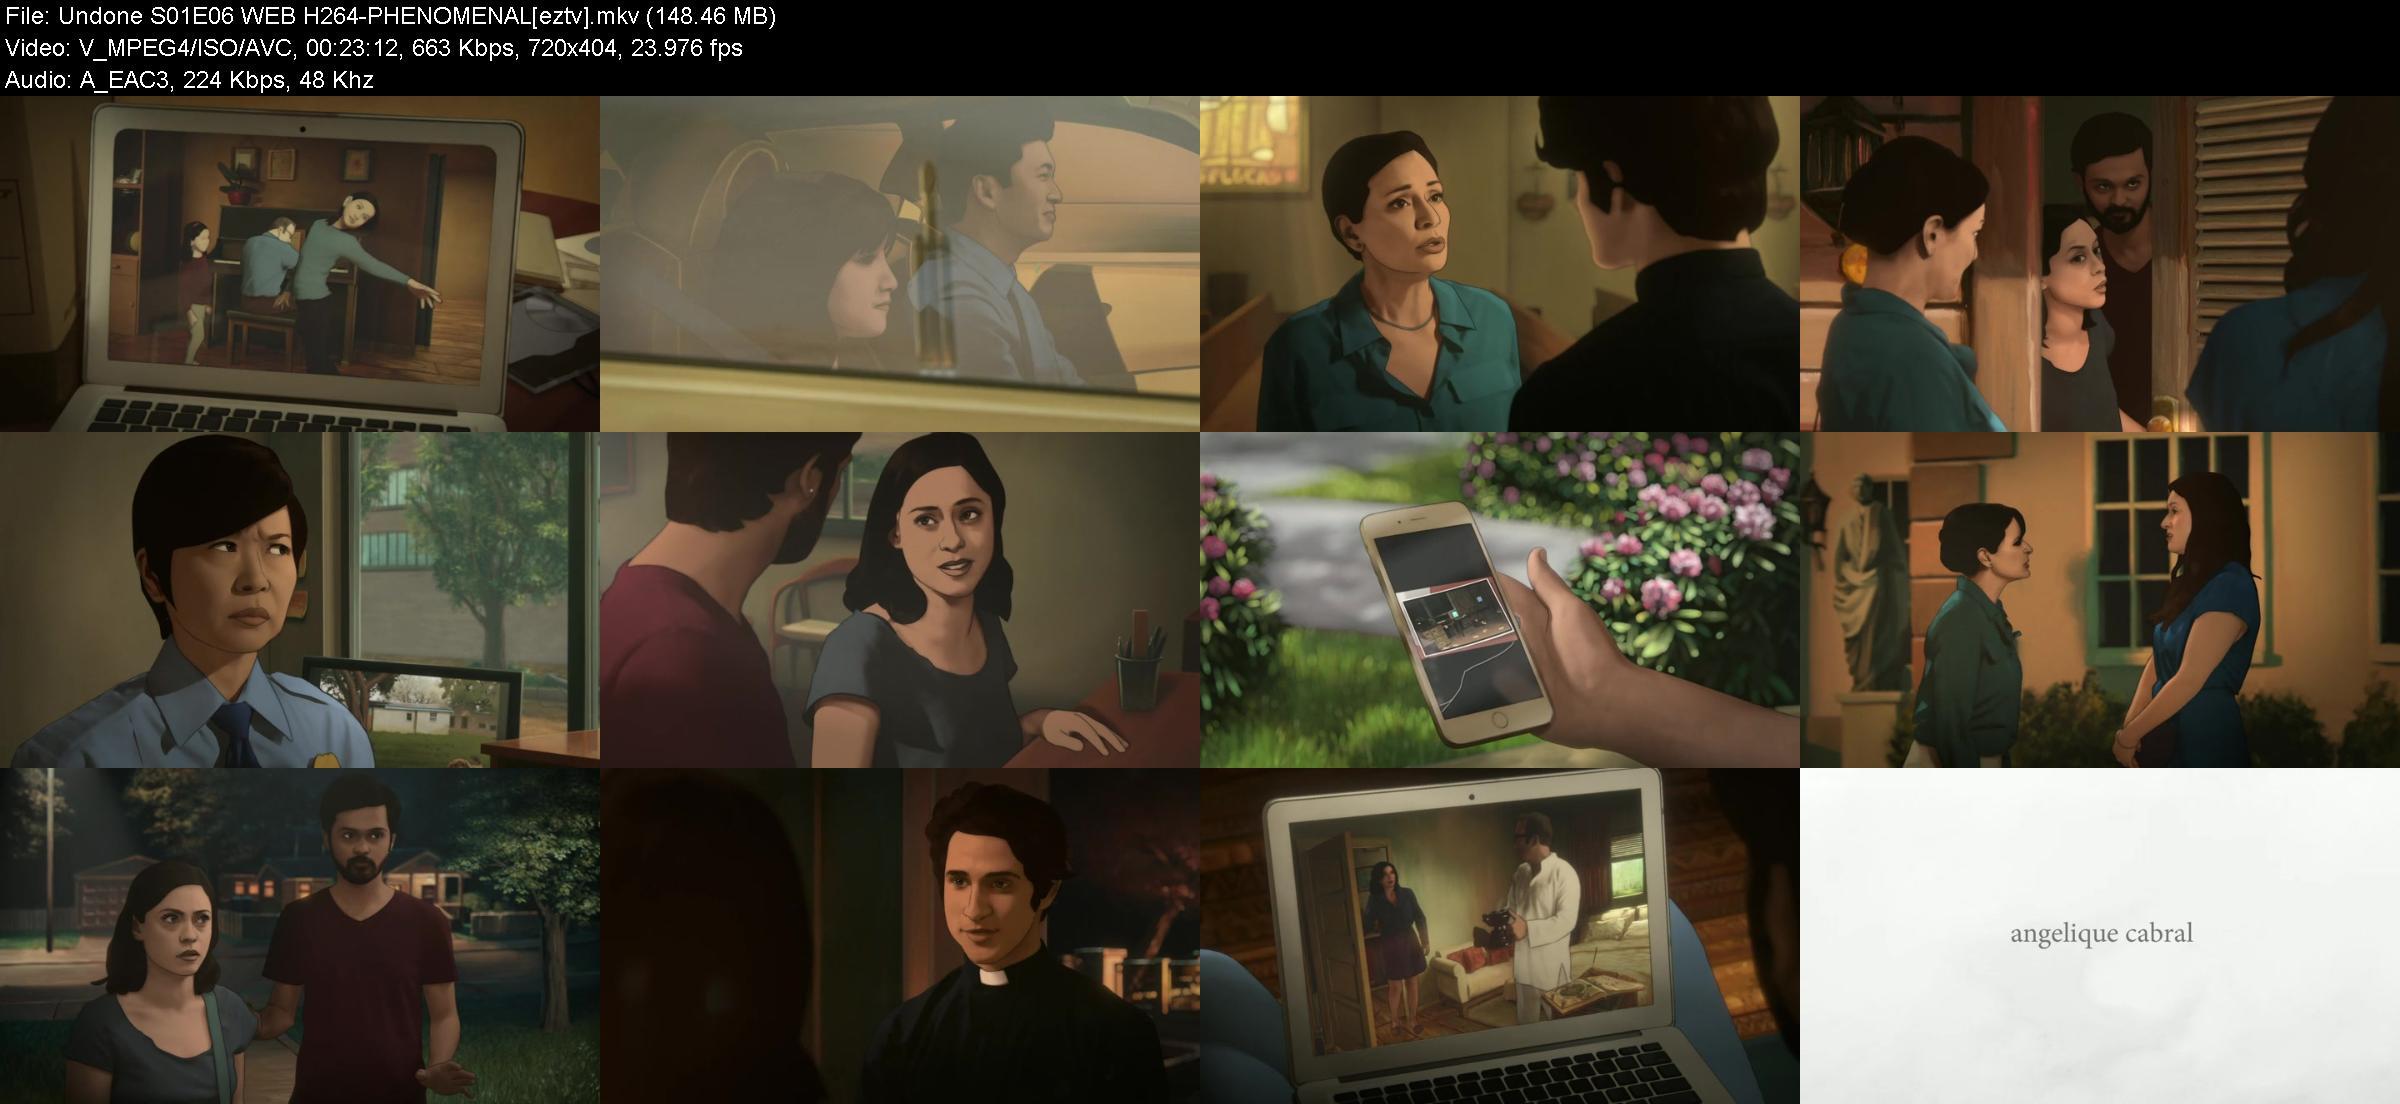 Undone S01E06 WEB H264-PHENOMENAL